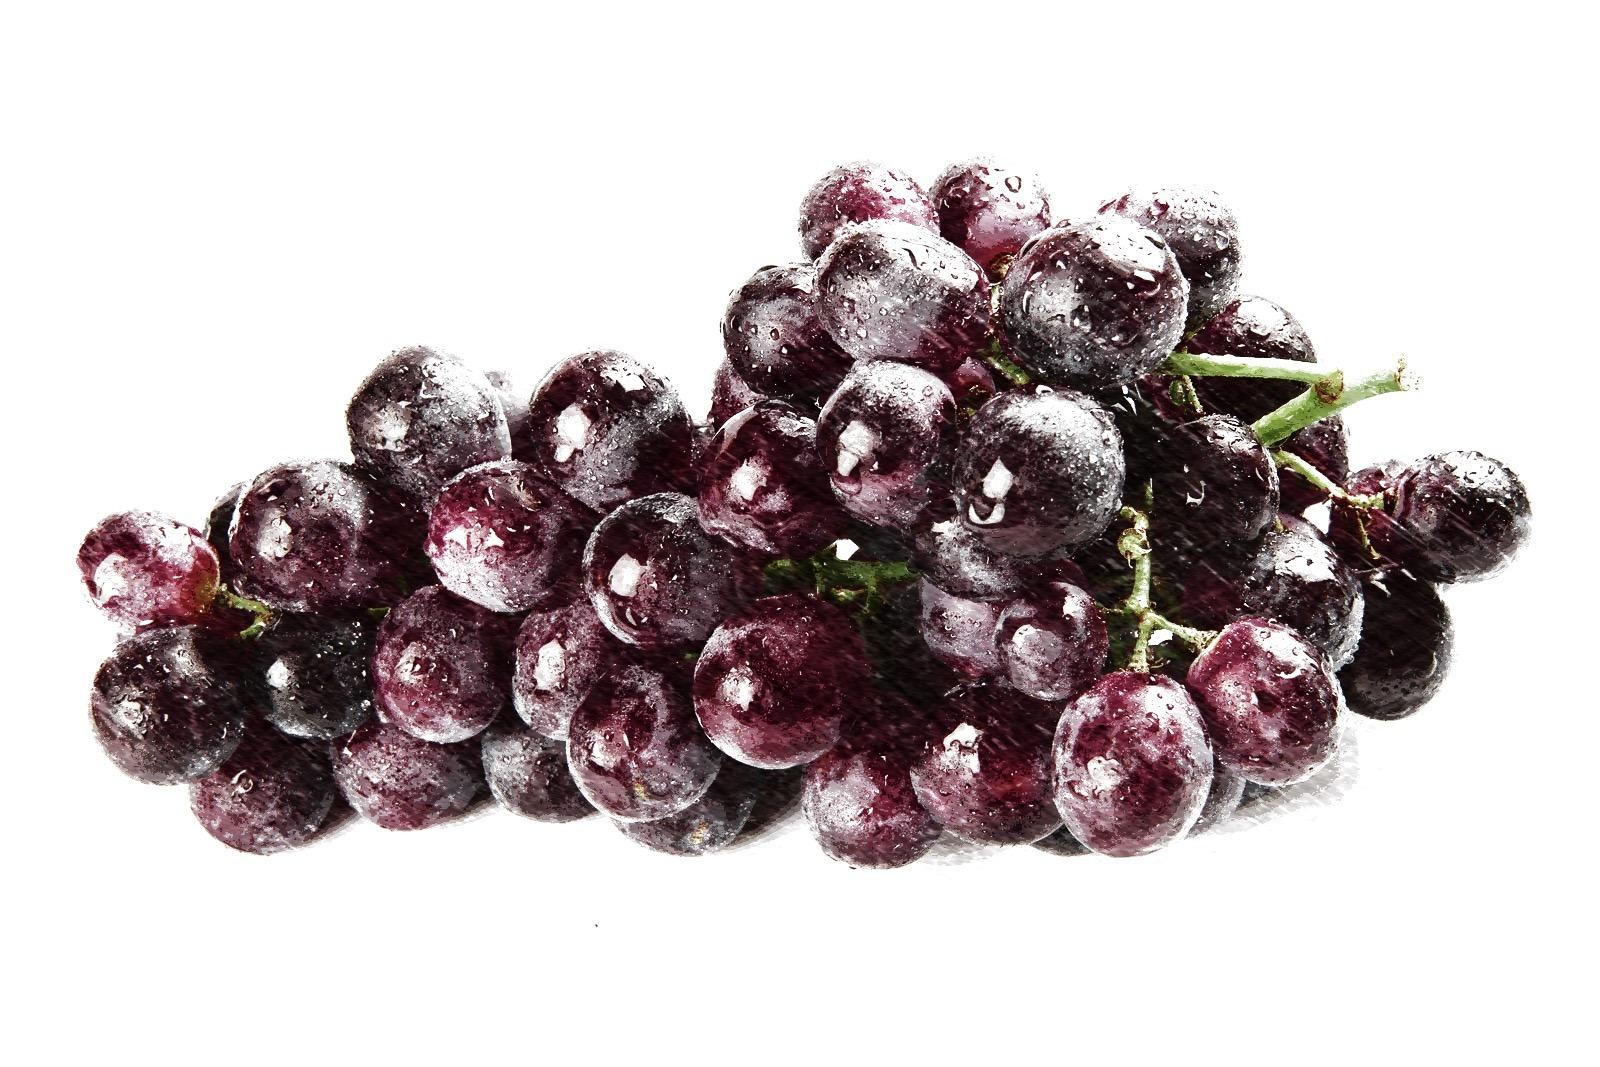 resveratrol,uva,polygonum,corazon,colesterol,diabetes,antioxidante,herbolario online,cosmética natural,tratamientos naturales,productos naturales